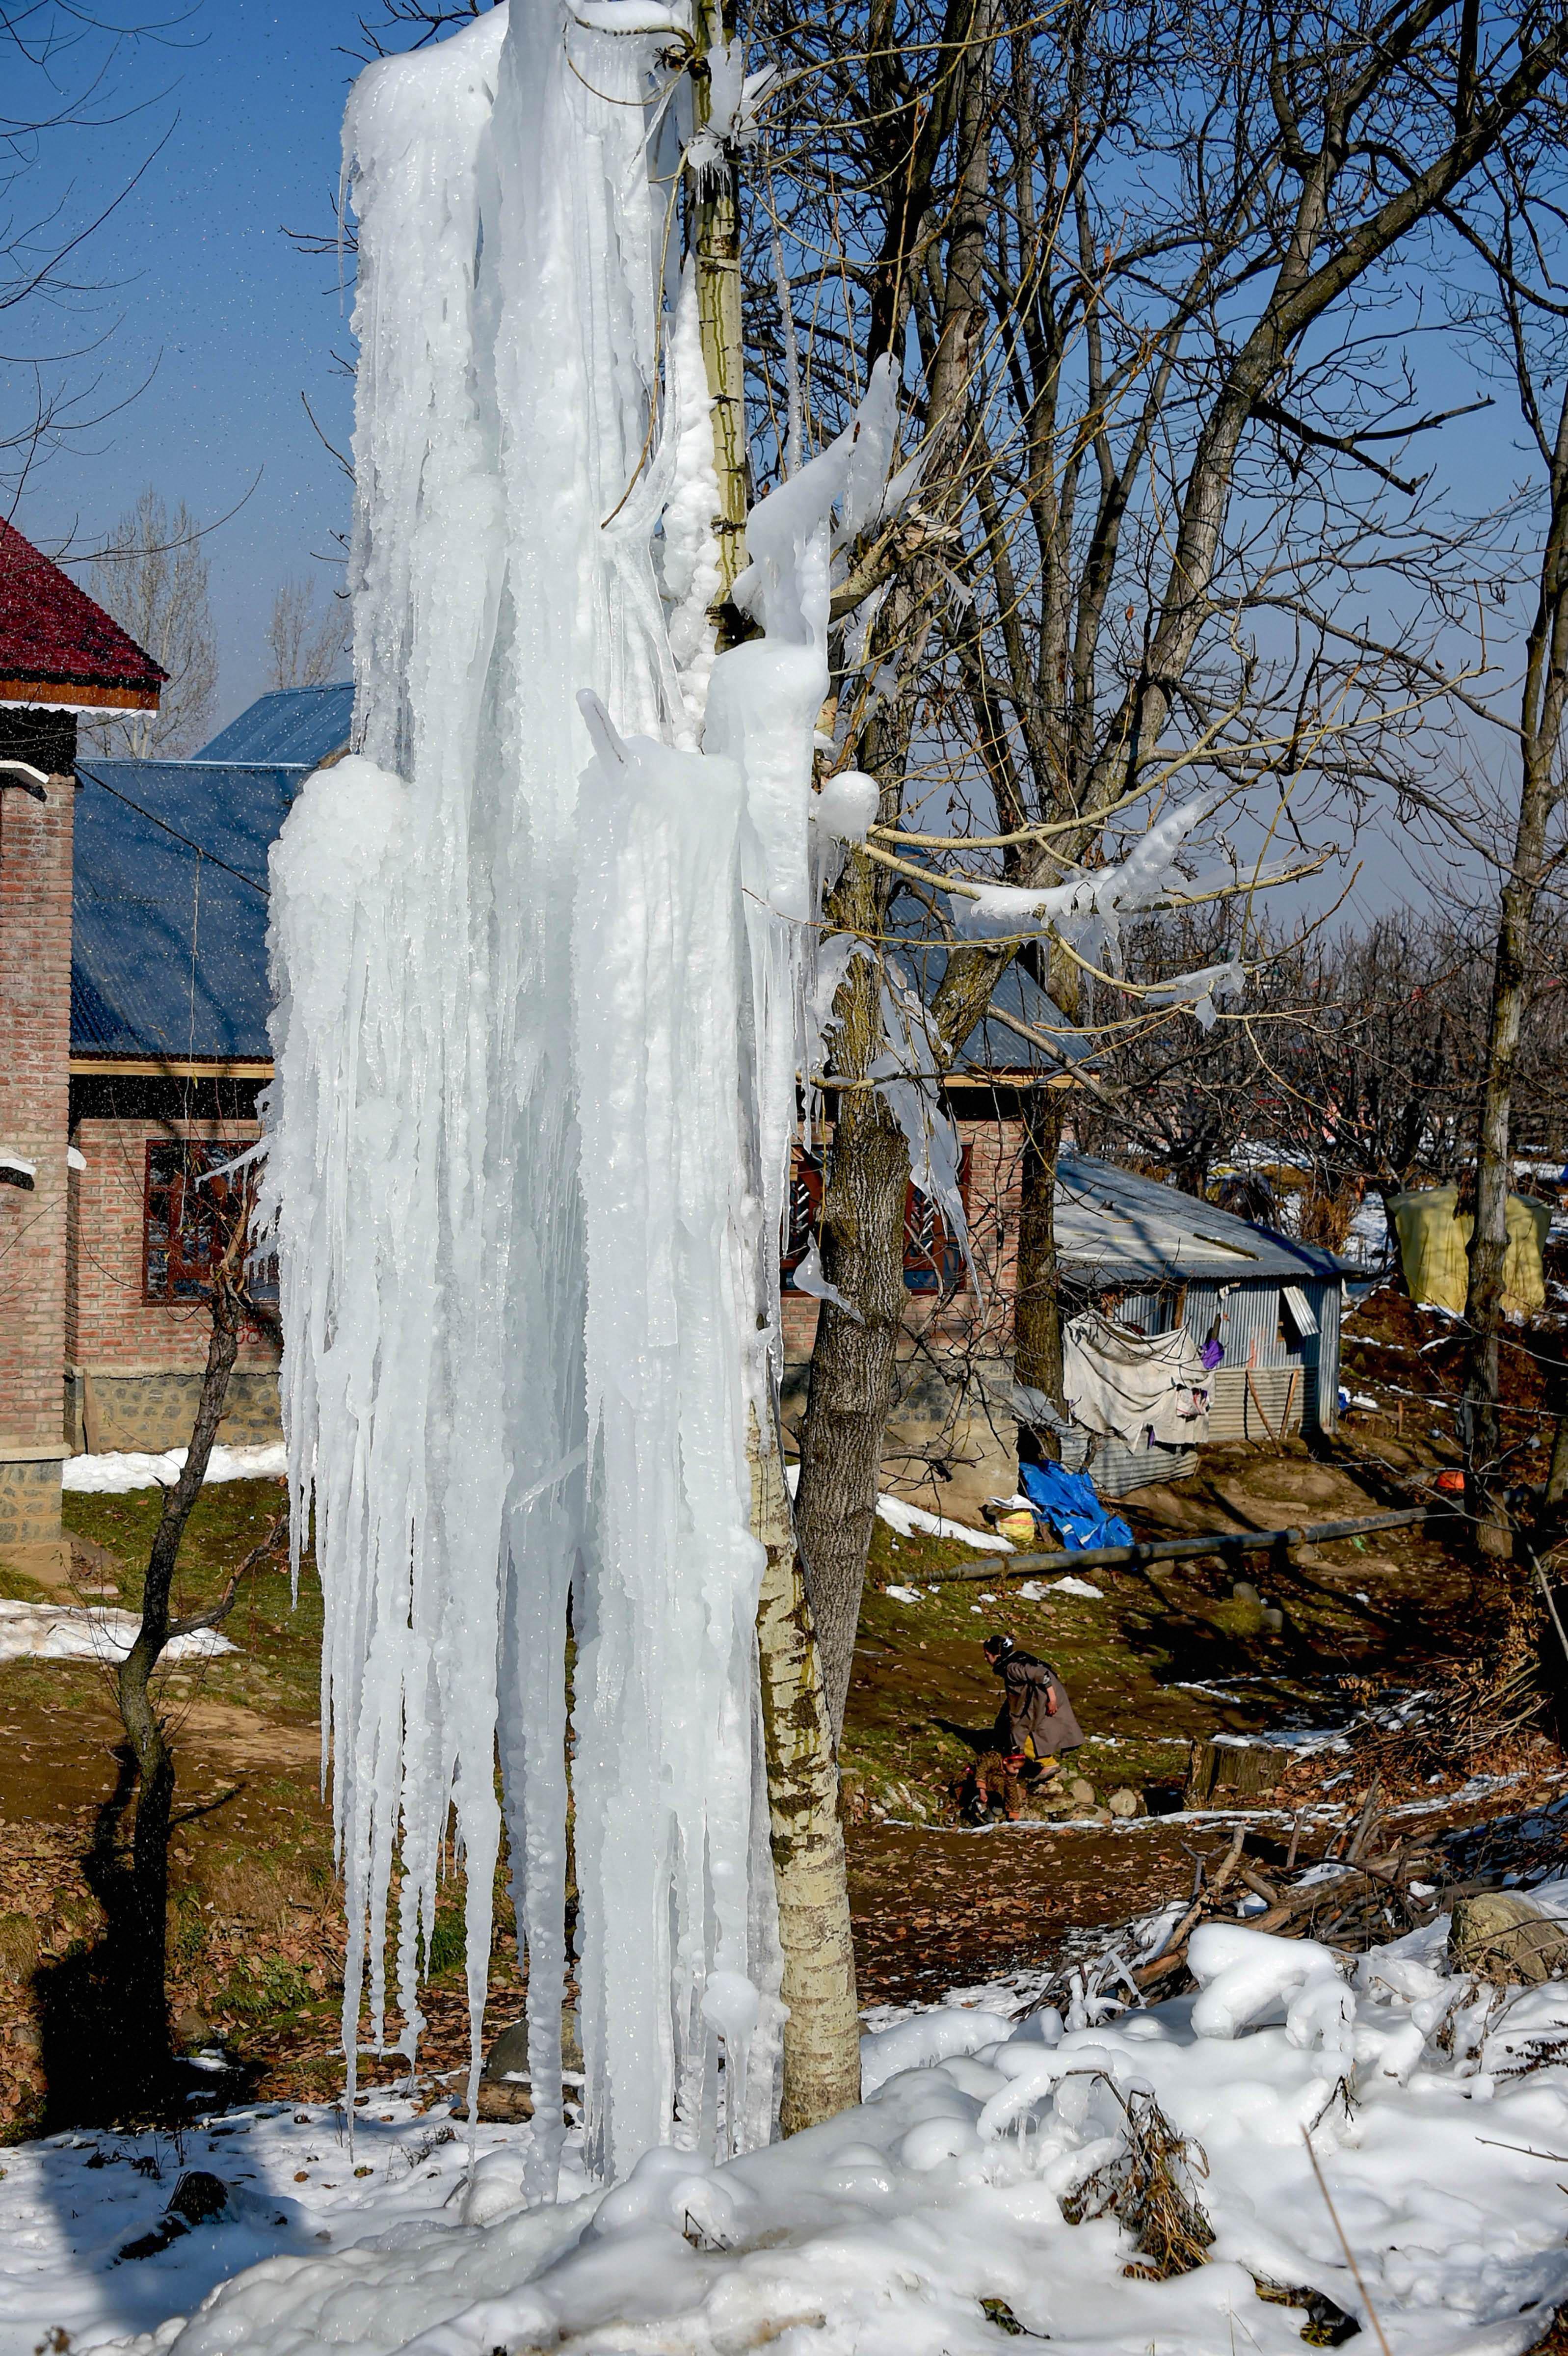 कश्मीर के शोपियां में पाइप लाइन फटने से निकला पानी पेड़ पर ही जम गया।